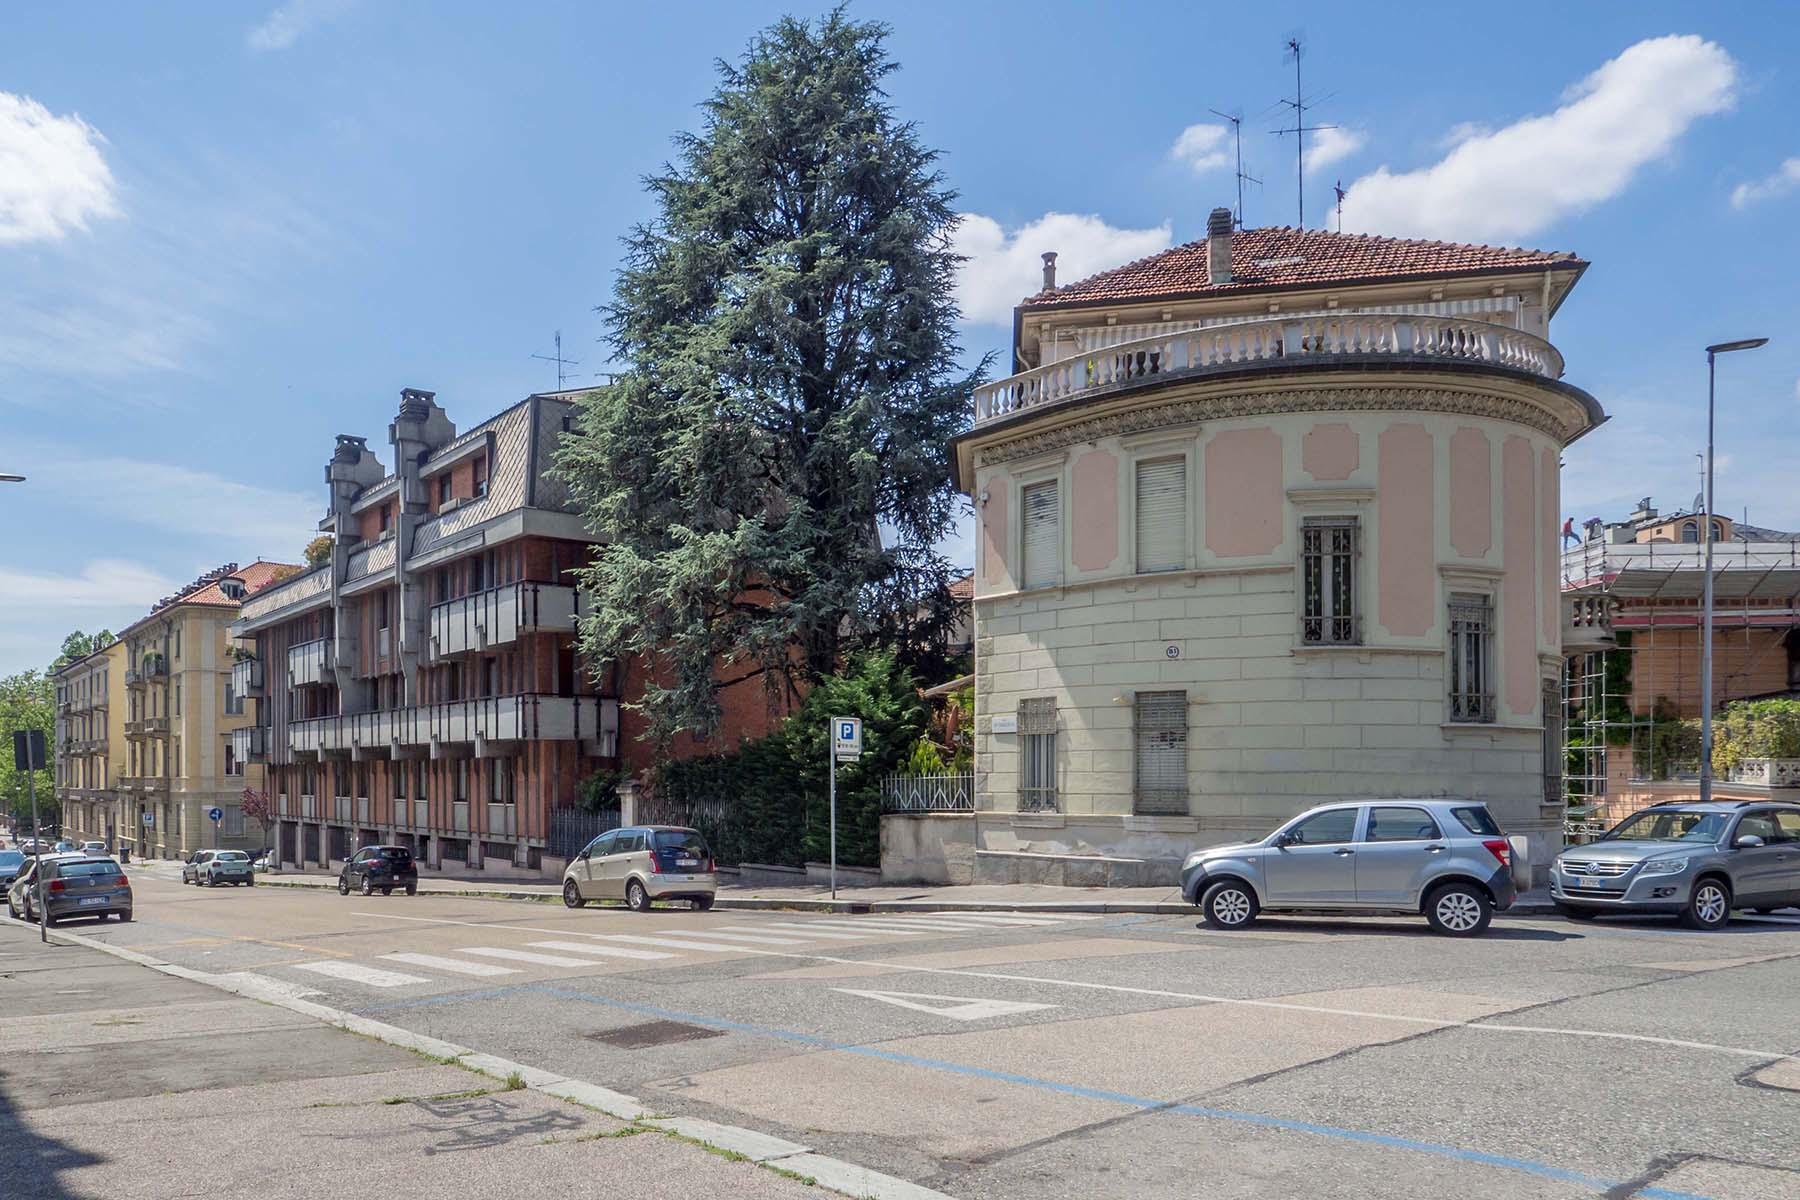 Attico in Vendita a Torino: 5 locali, 200 mq - Foto 18